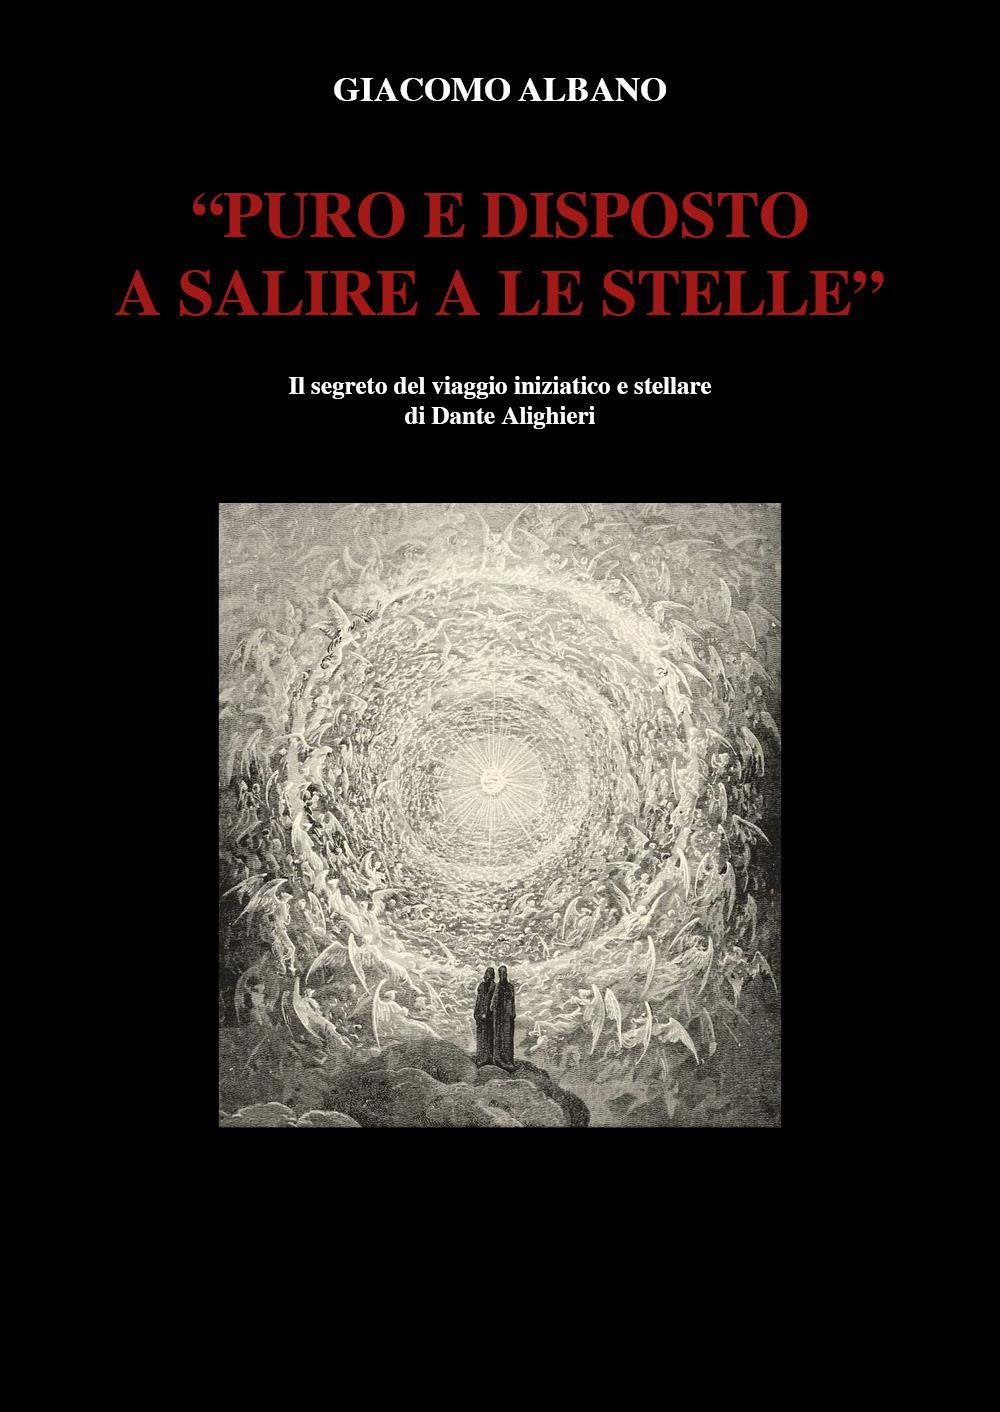 """""""PURO E DISPOSTO A SALIRE A LE STELLE""""  Il segreto del viaggio iniziatico e stellare di Dante Alighieri"""